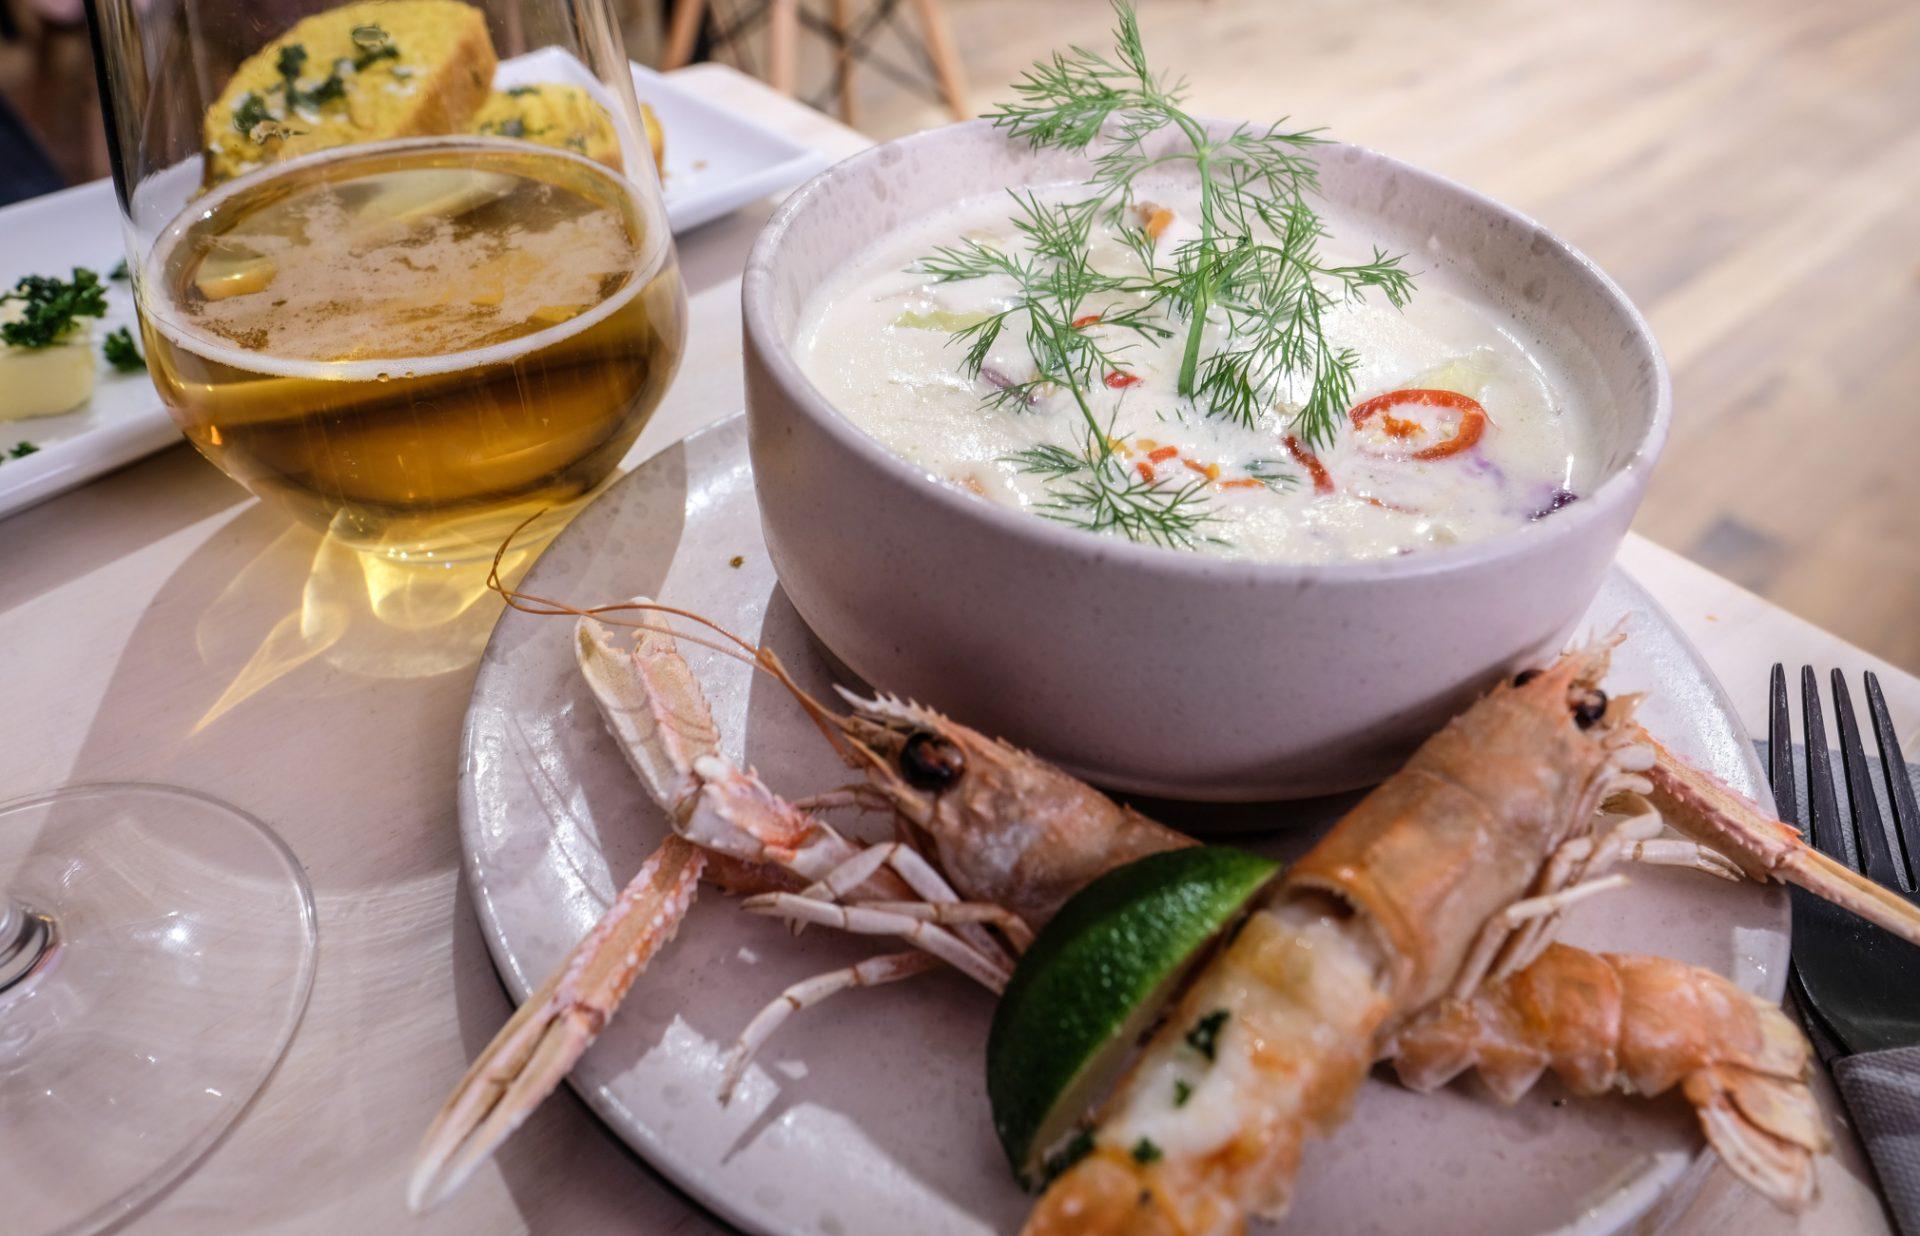 Anmeldelse af NEEM DELI: En rigtig god grund til at tage til Risskov og spise